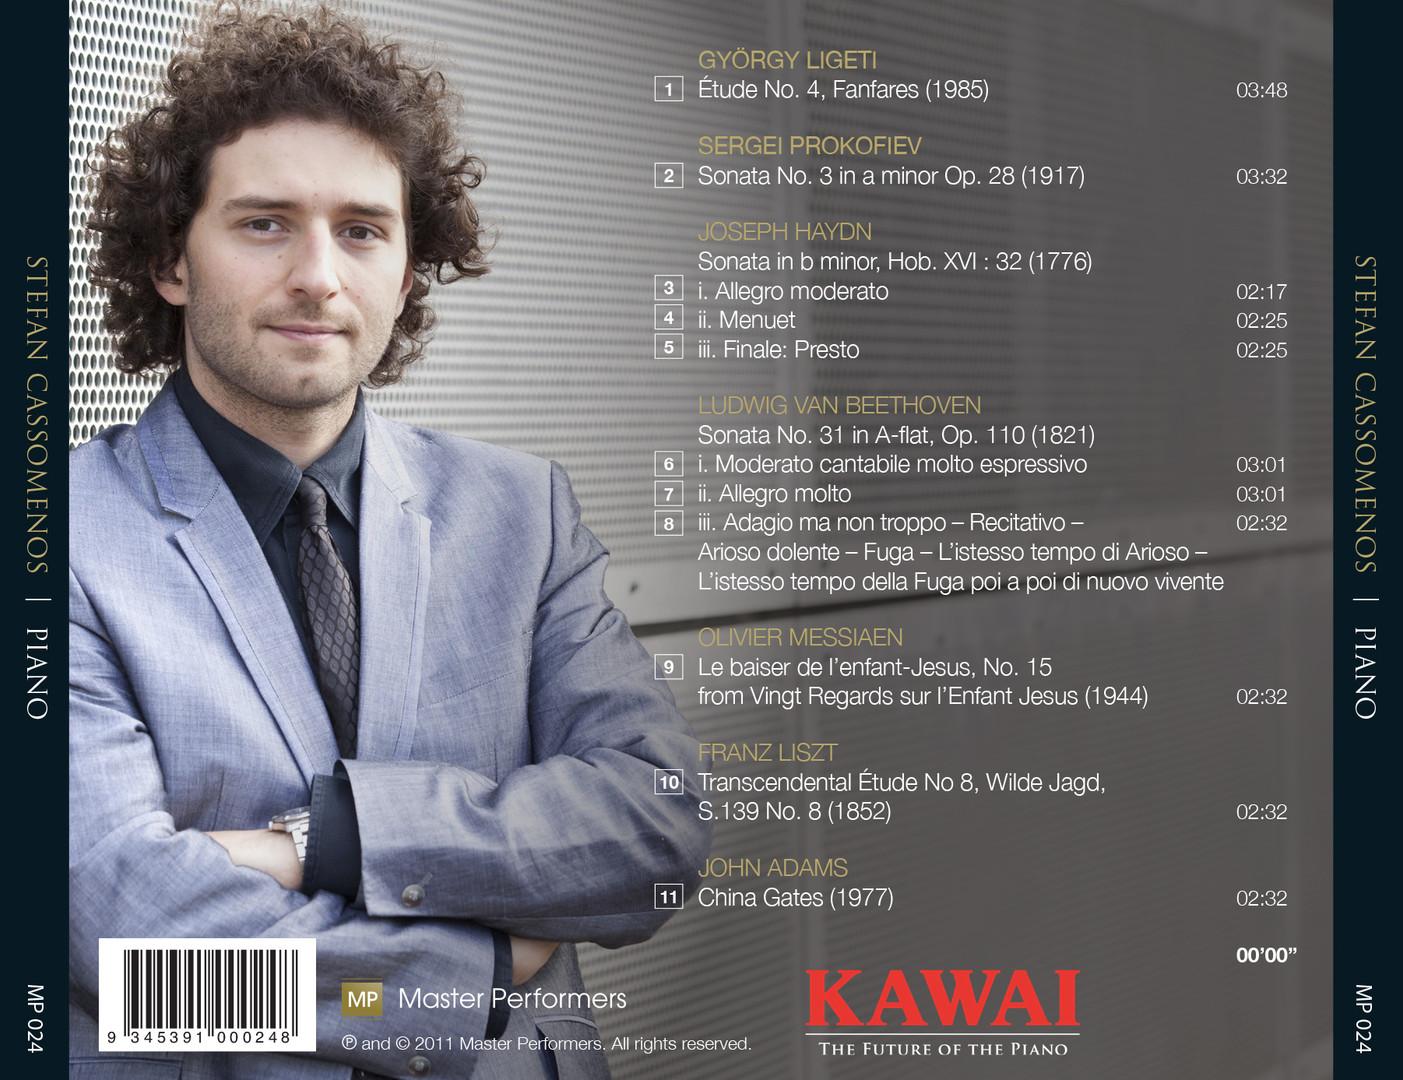 Stefan Cassomenos LIGETI | PROKOFIEV | HAYDN | BEETHOVEN | MESSIAEN | LISZT | ADAMS CD Tray